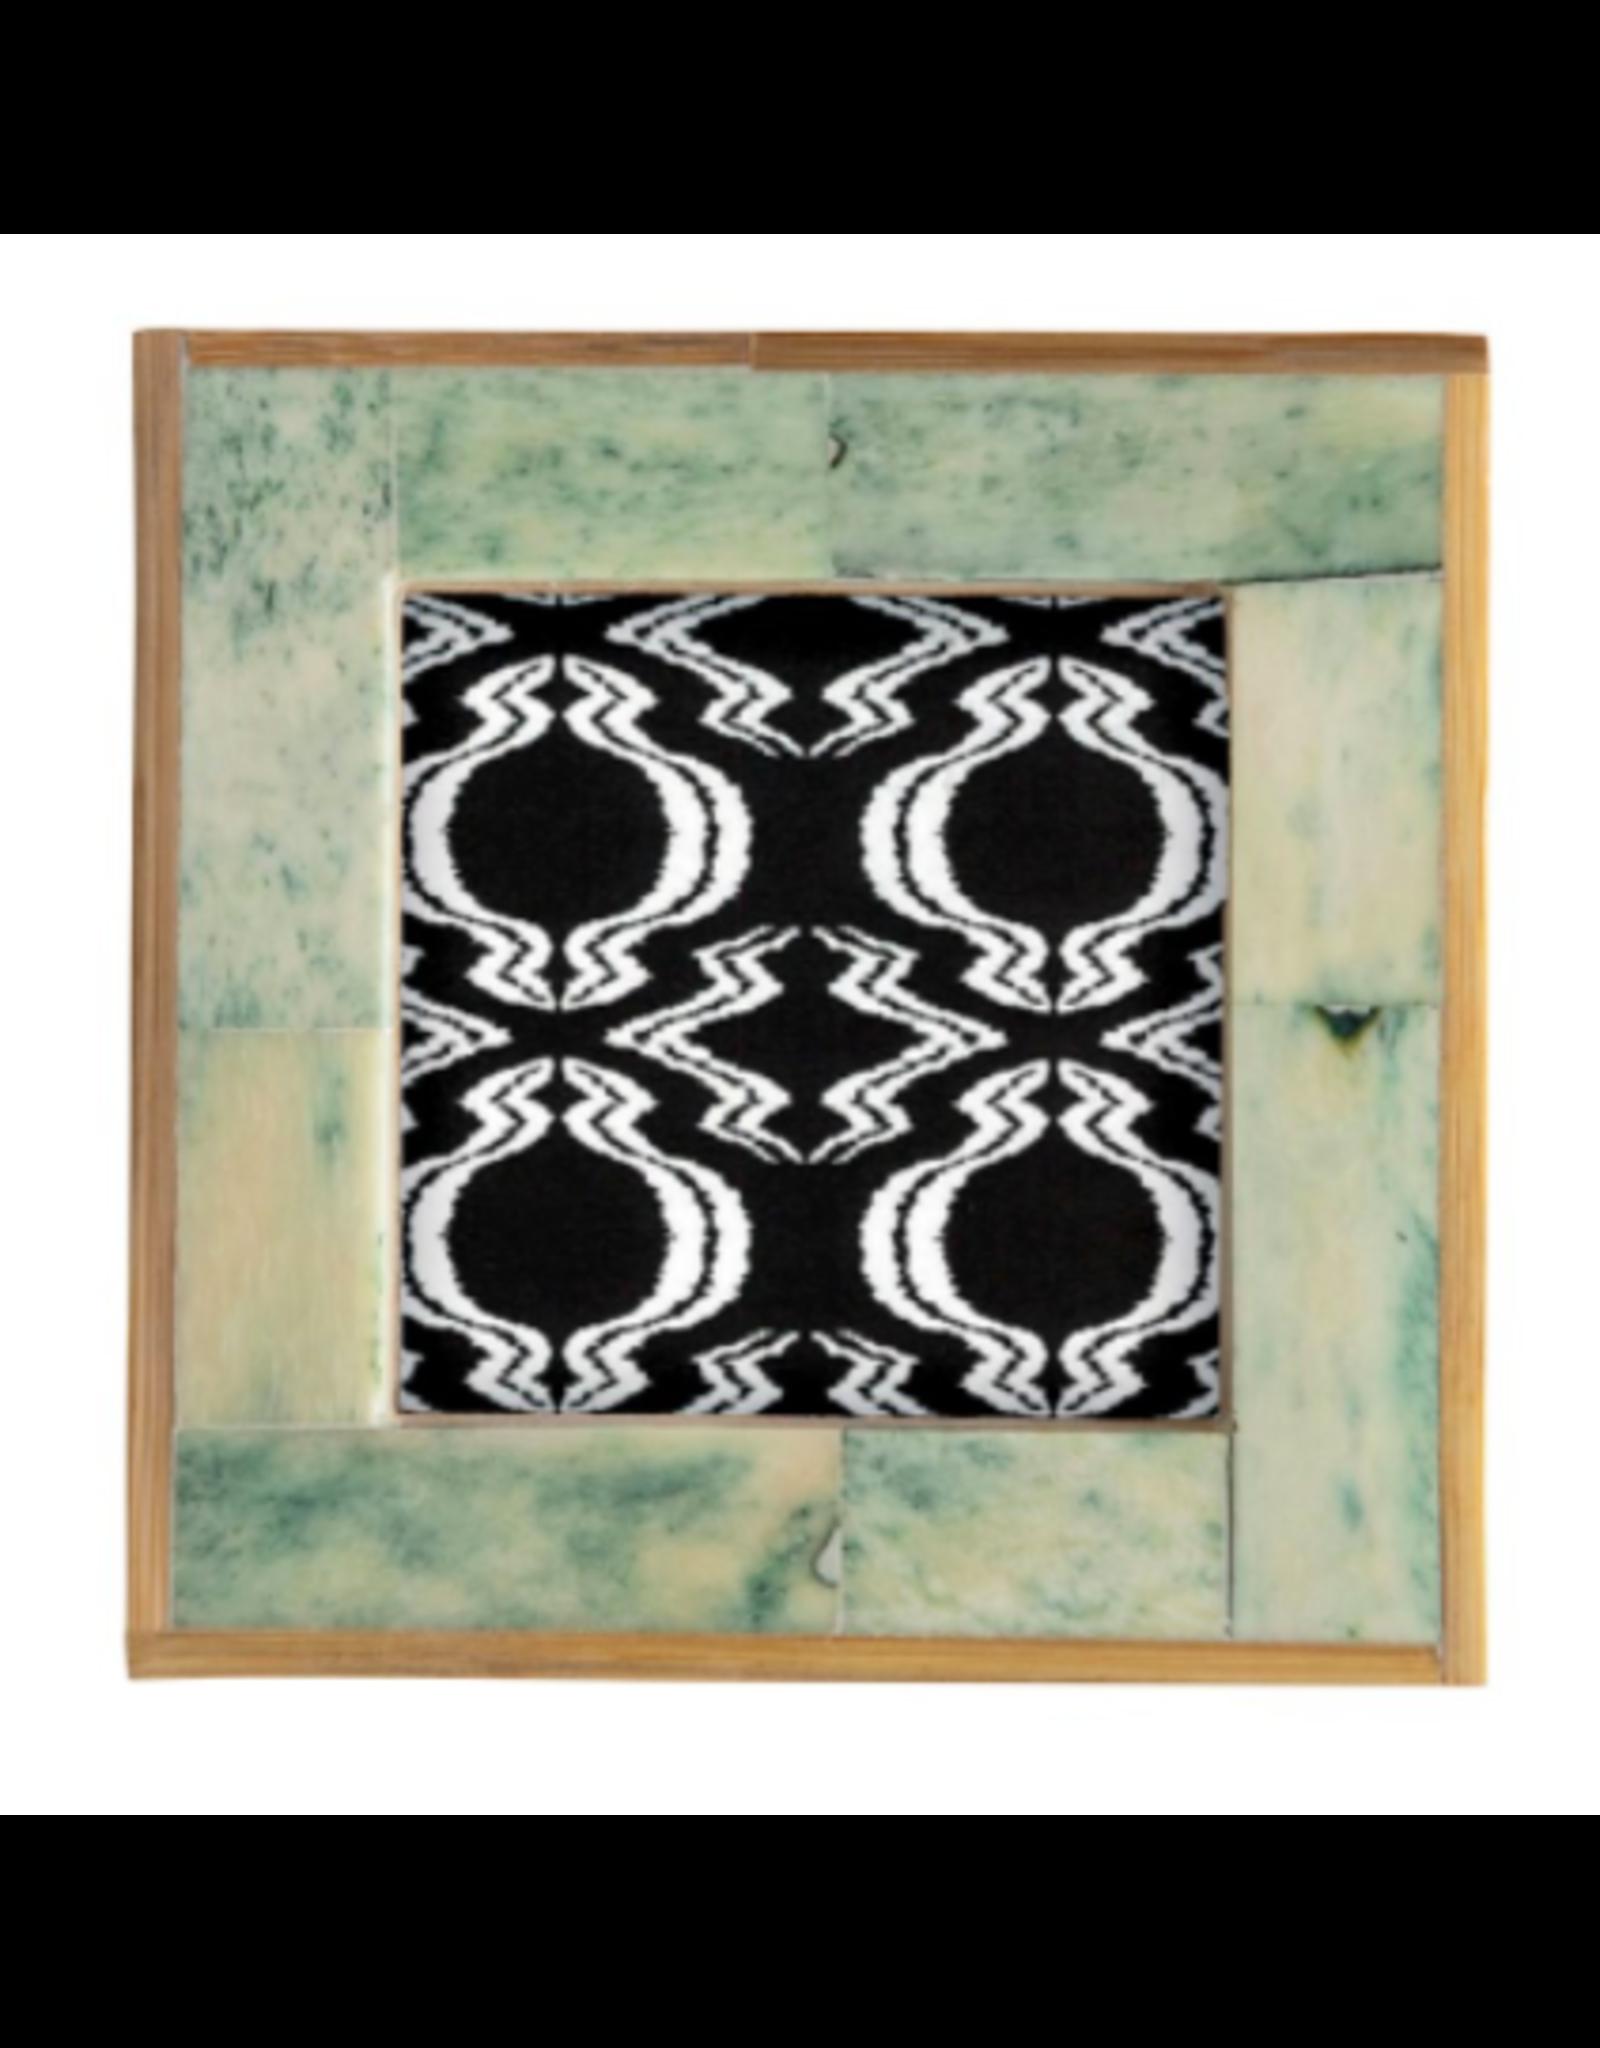 Green Tile Frame 4x4